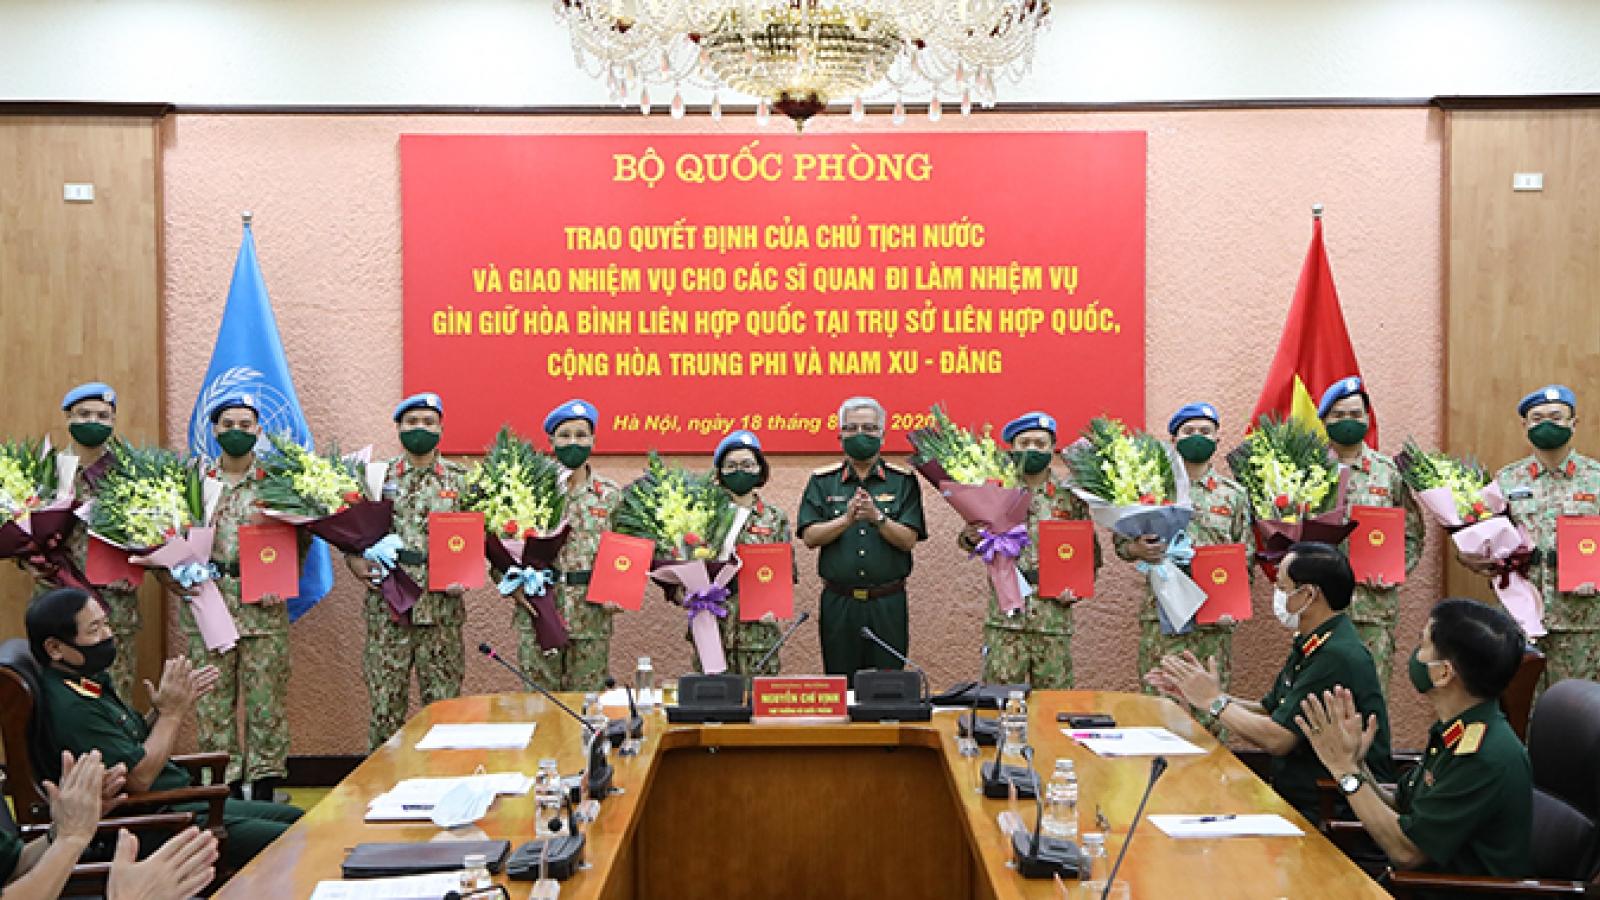 Trao quyết định cho 10 sĩ quan Việt Nam đi làm nhiệm vụ gìn giữ hòa bình